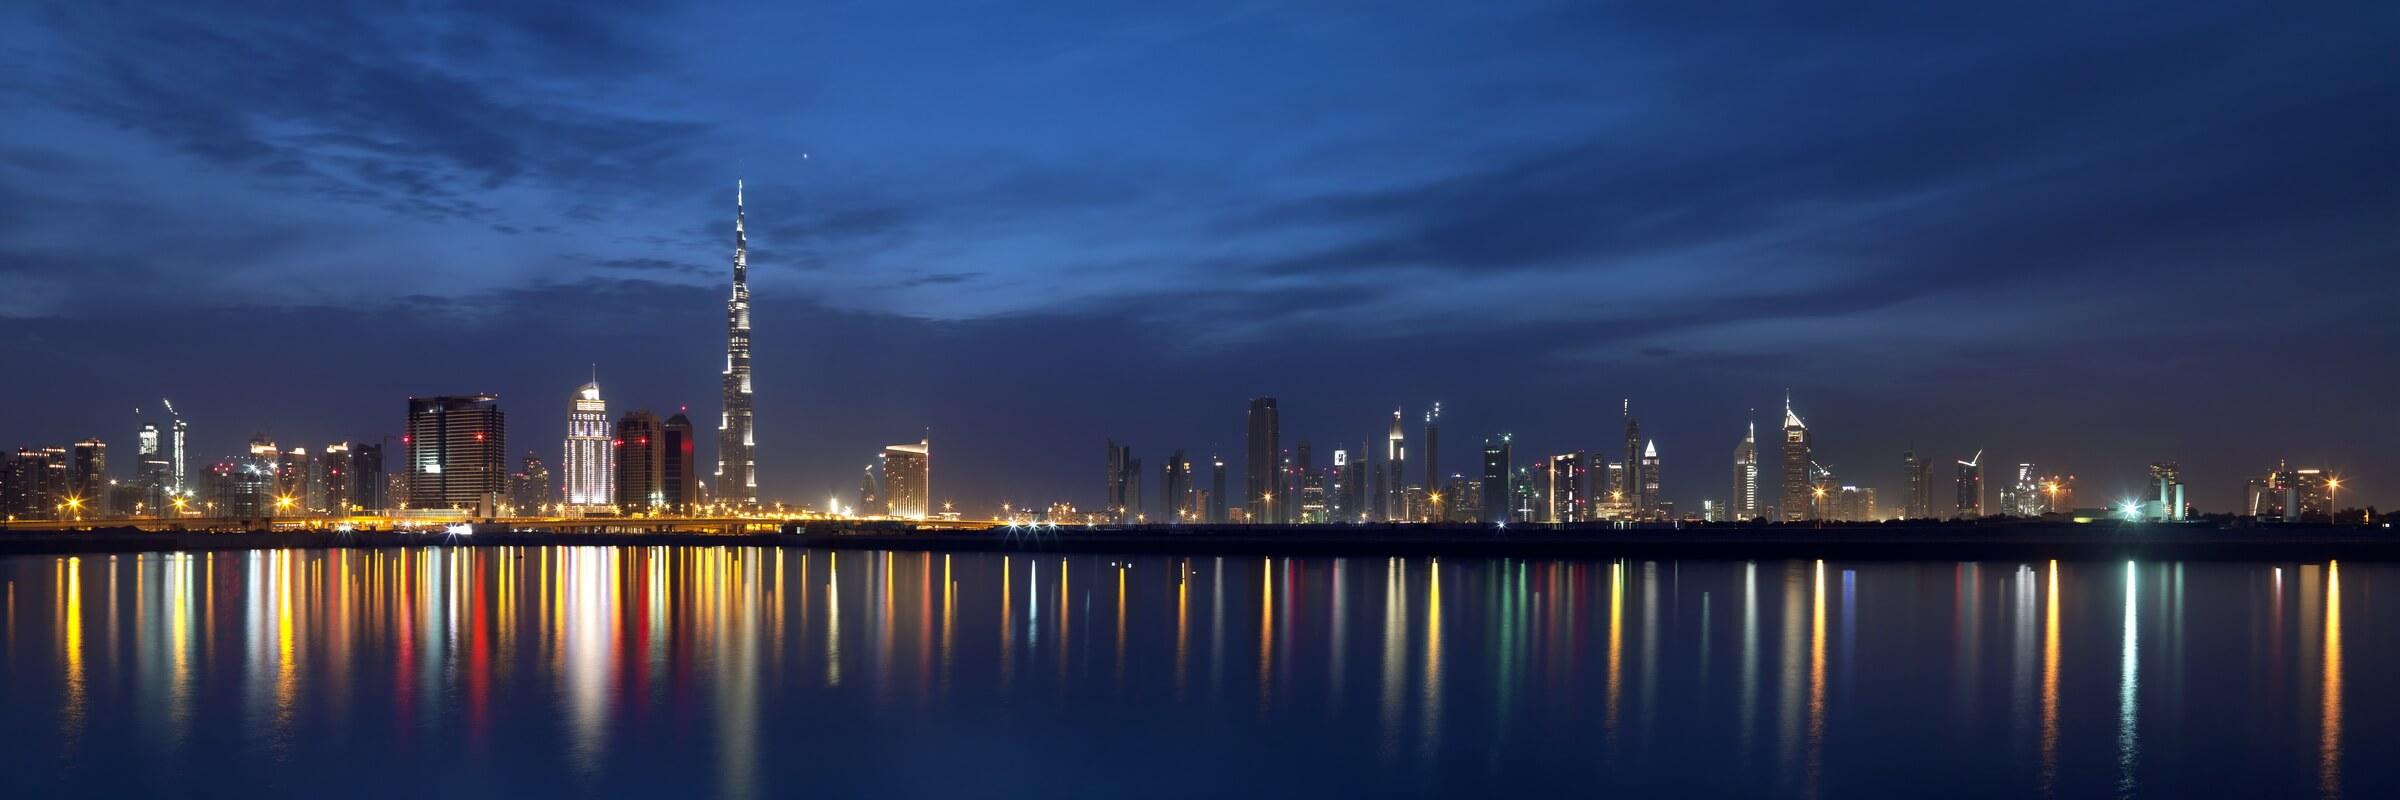 Die beeindruckende Skyline von Dubai ist sowohl bei Tag als auch bei Nacht ein spektakulärer Anblick.